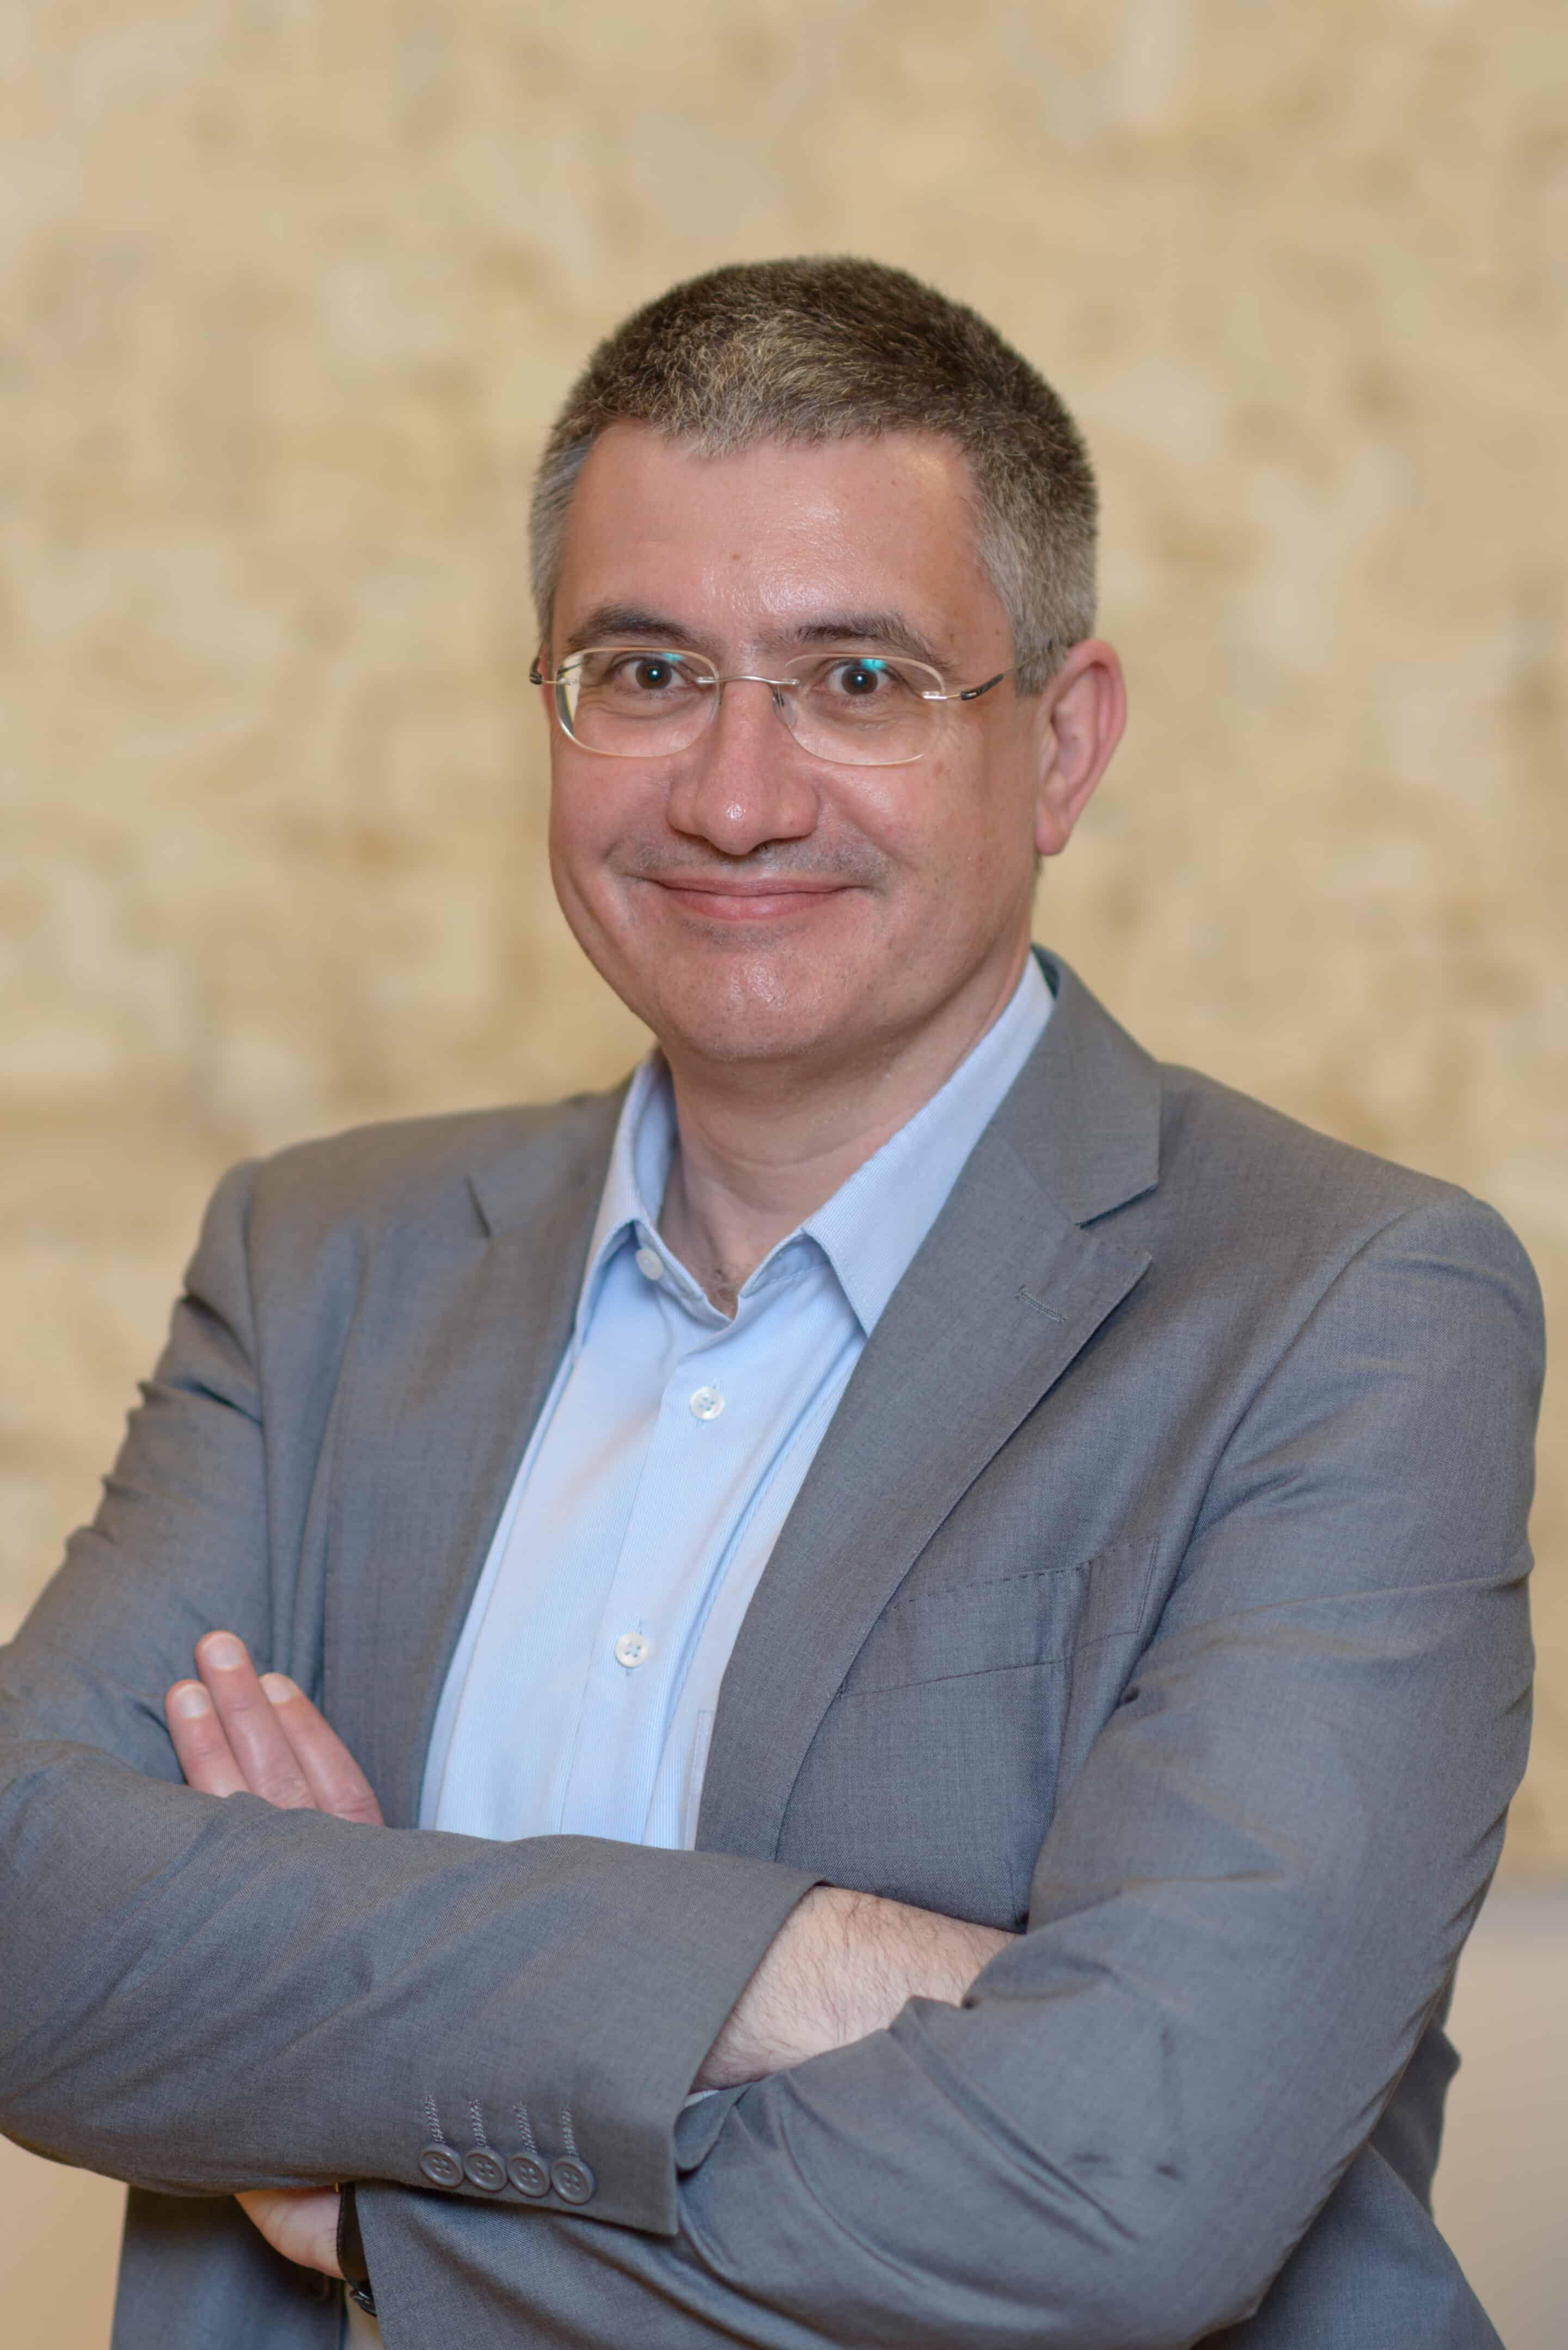 Ing. Werner Illsinger